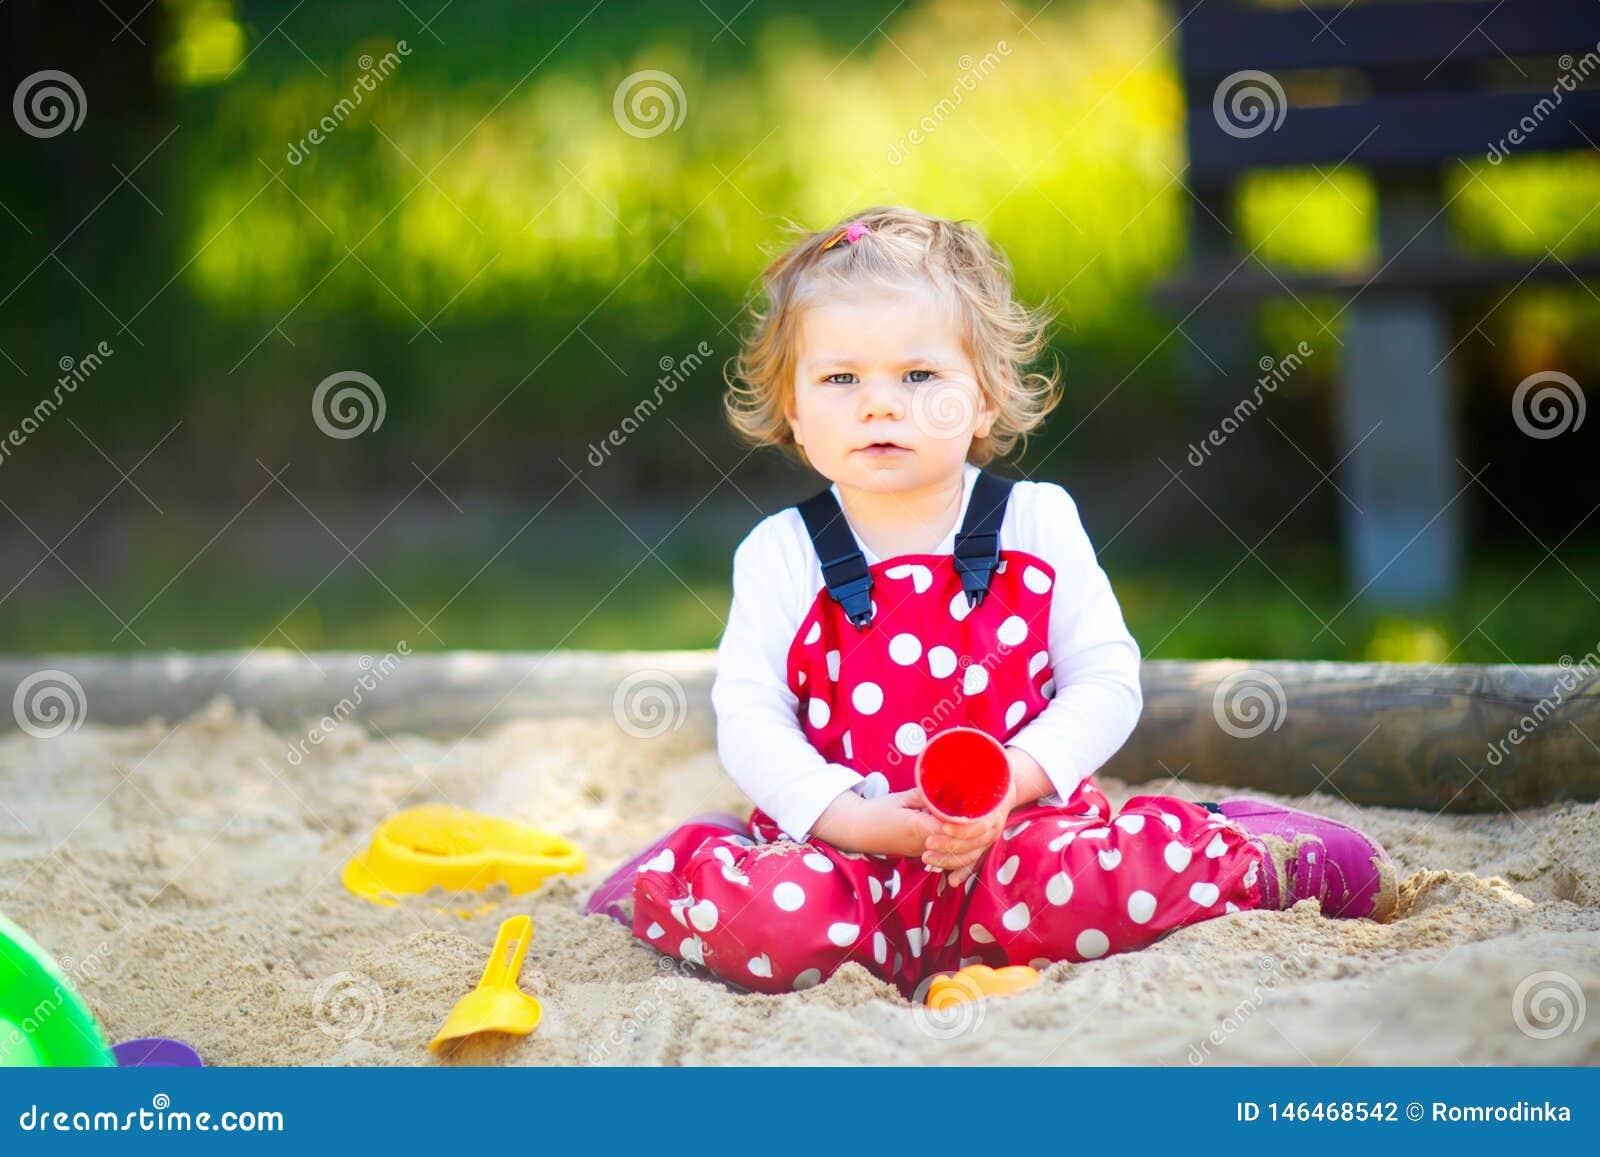 ?liczna berbe? dziewczyna bawi? si? w piasku na plenerowym boisku Pi?kny dziecko w czerwonego dzi?s?a spodniach ma zabaw? na pogo